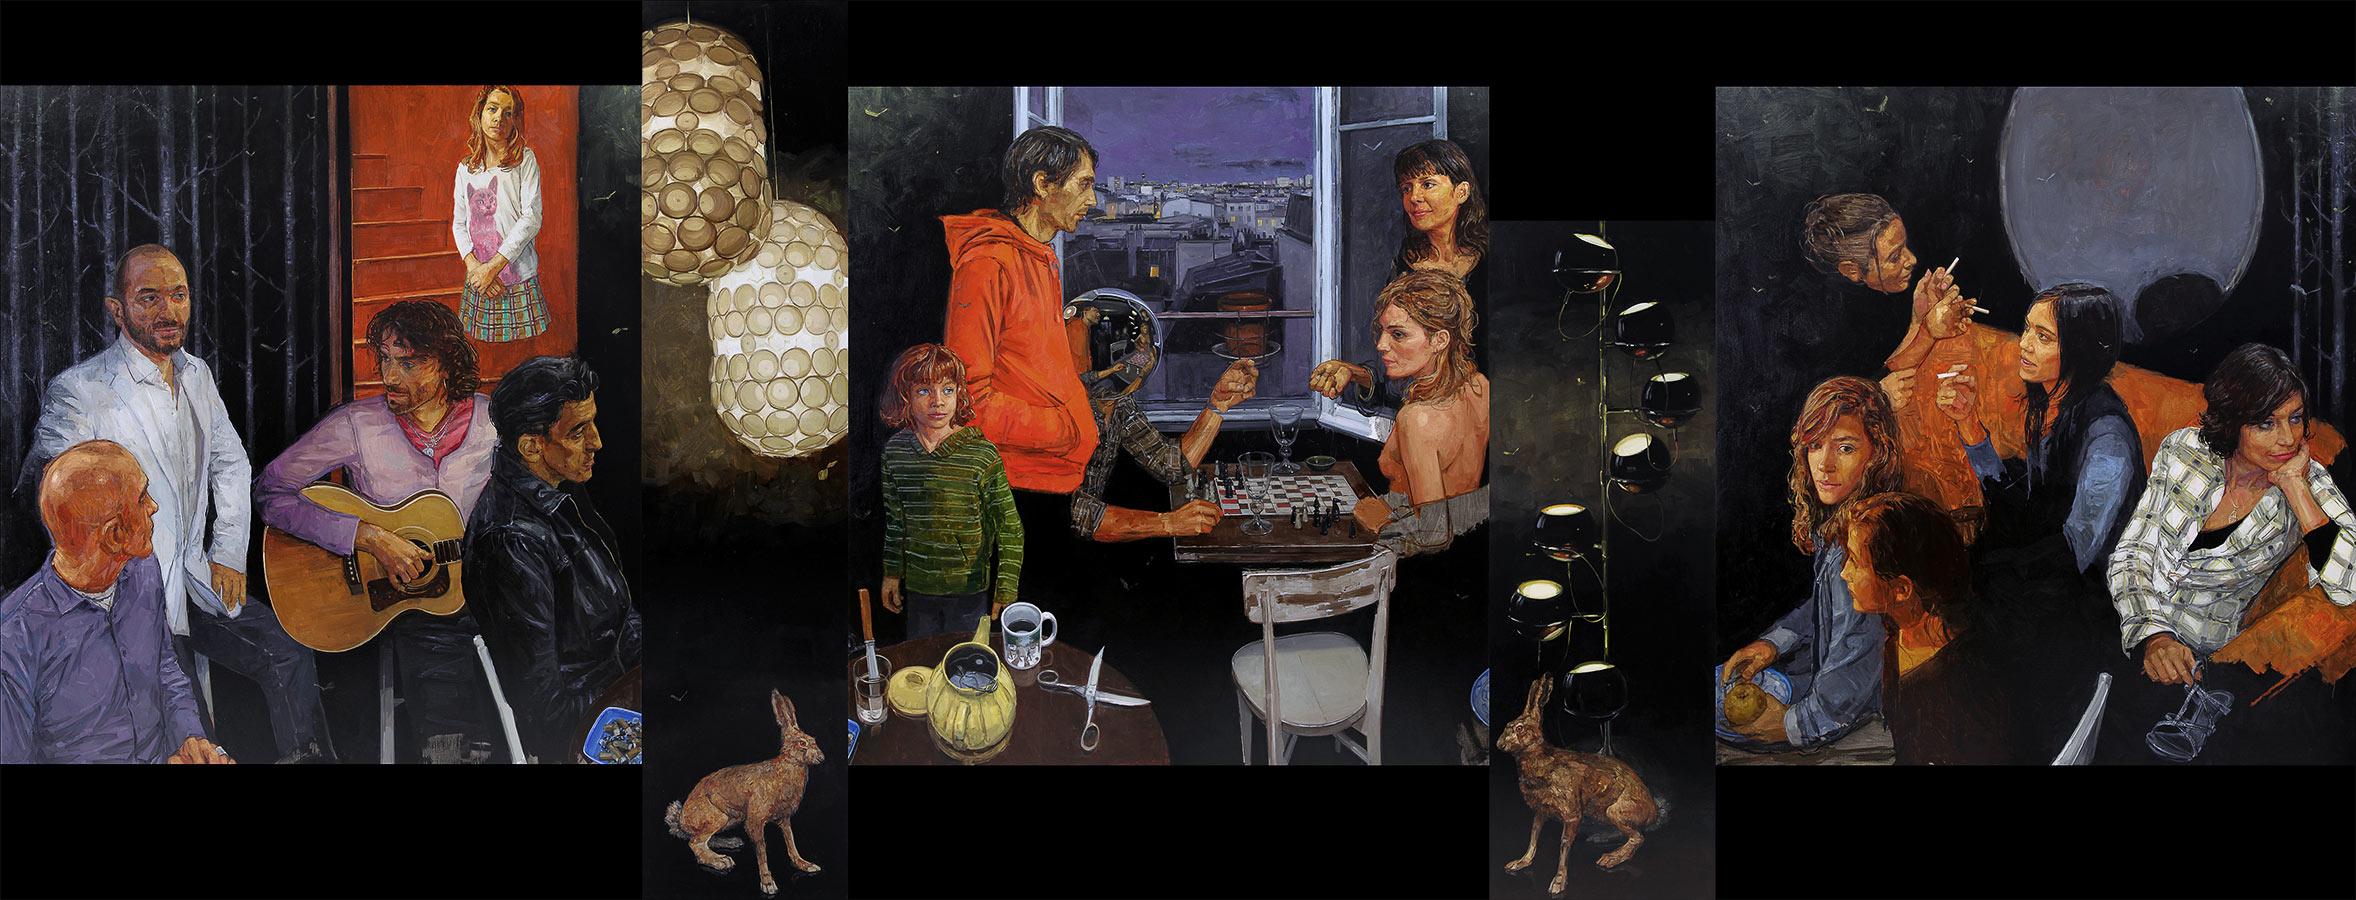 Le grand salon noir. Polyptyque, 181 x 600 cm, 2009-2010